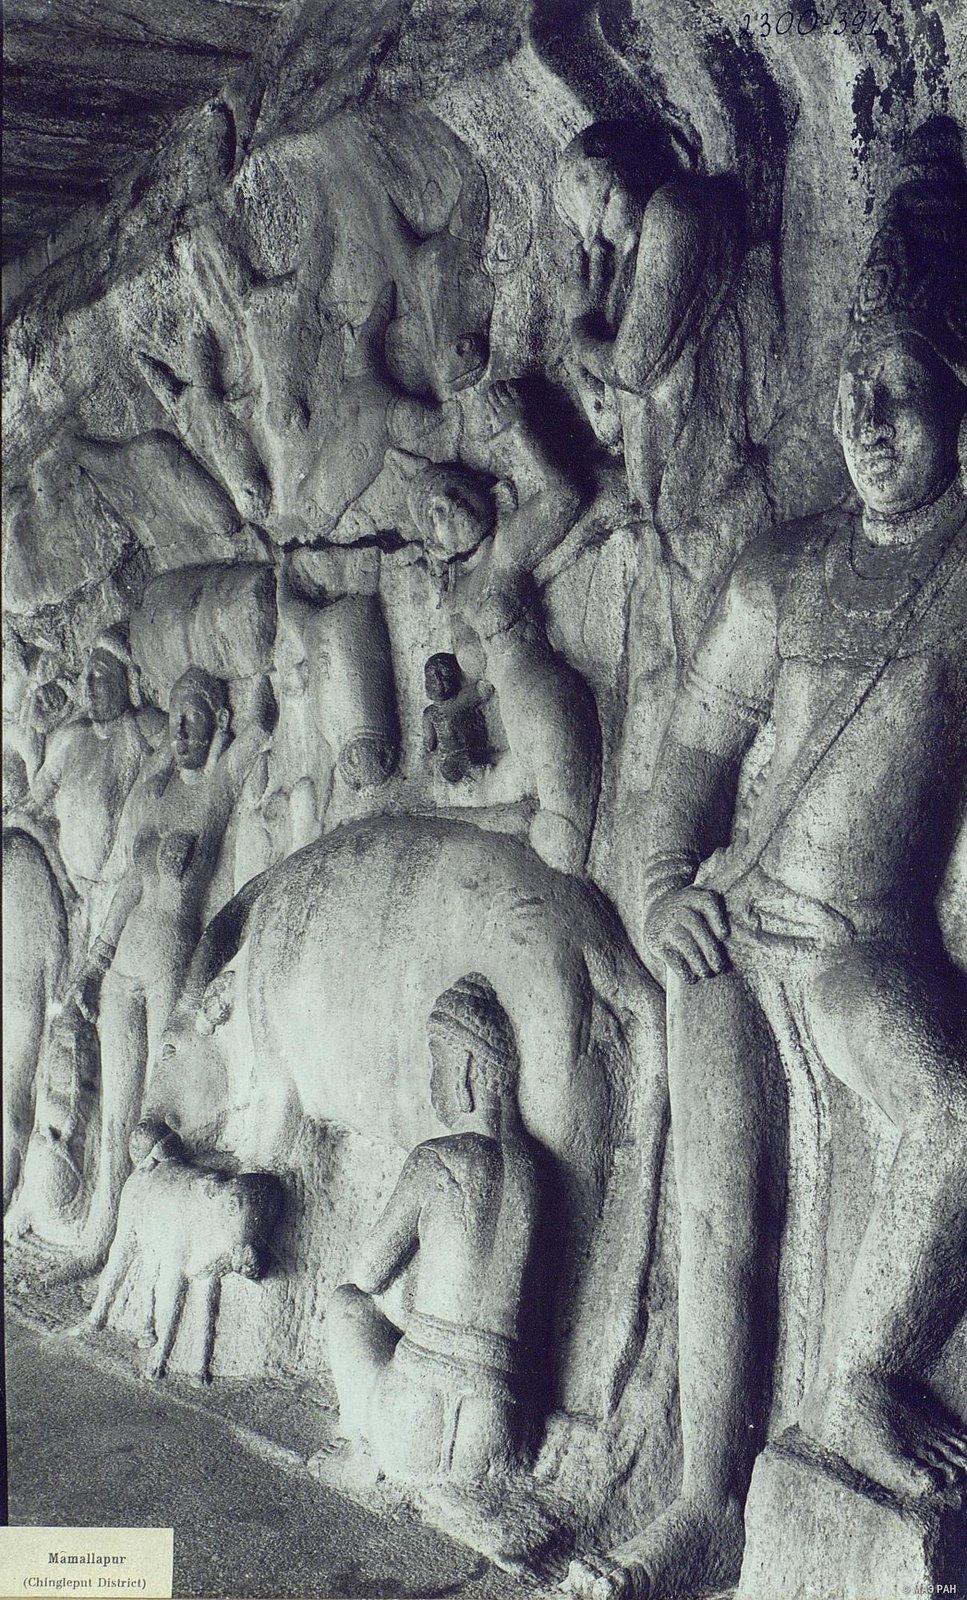 25. Мамаллапур (деталь рельефа «Доильщик и корова с теленком»)